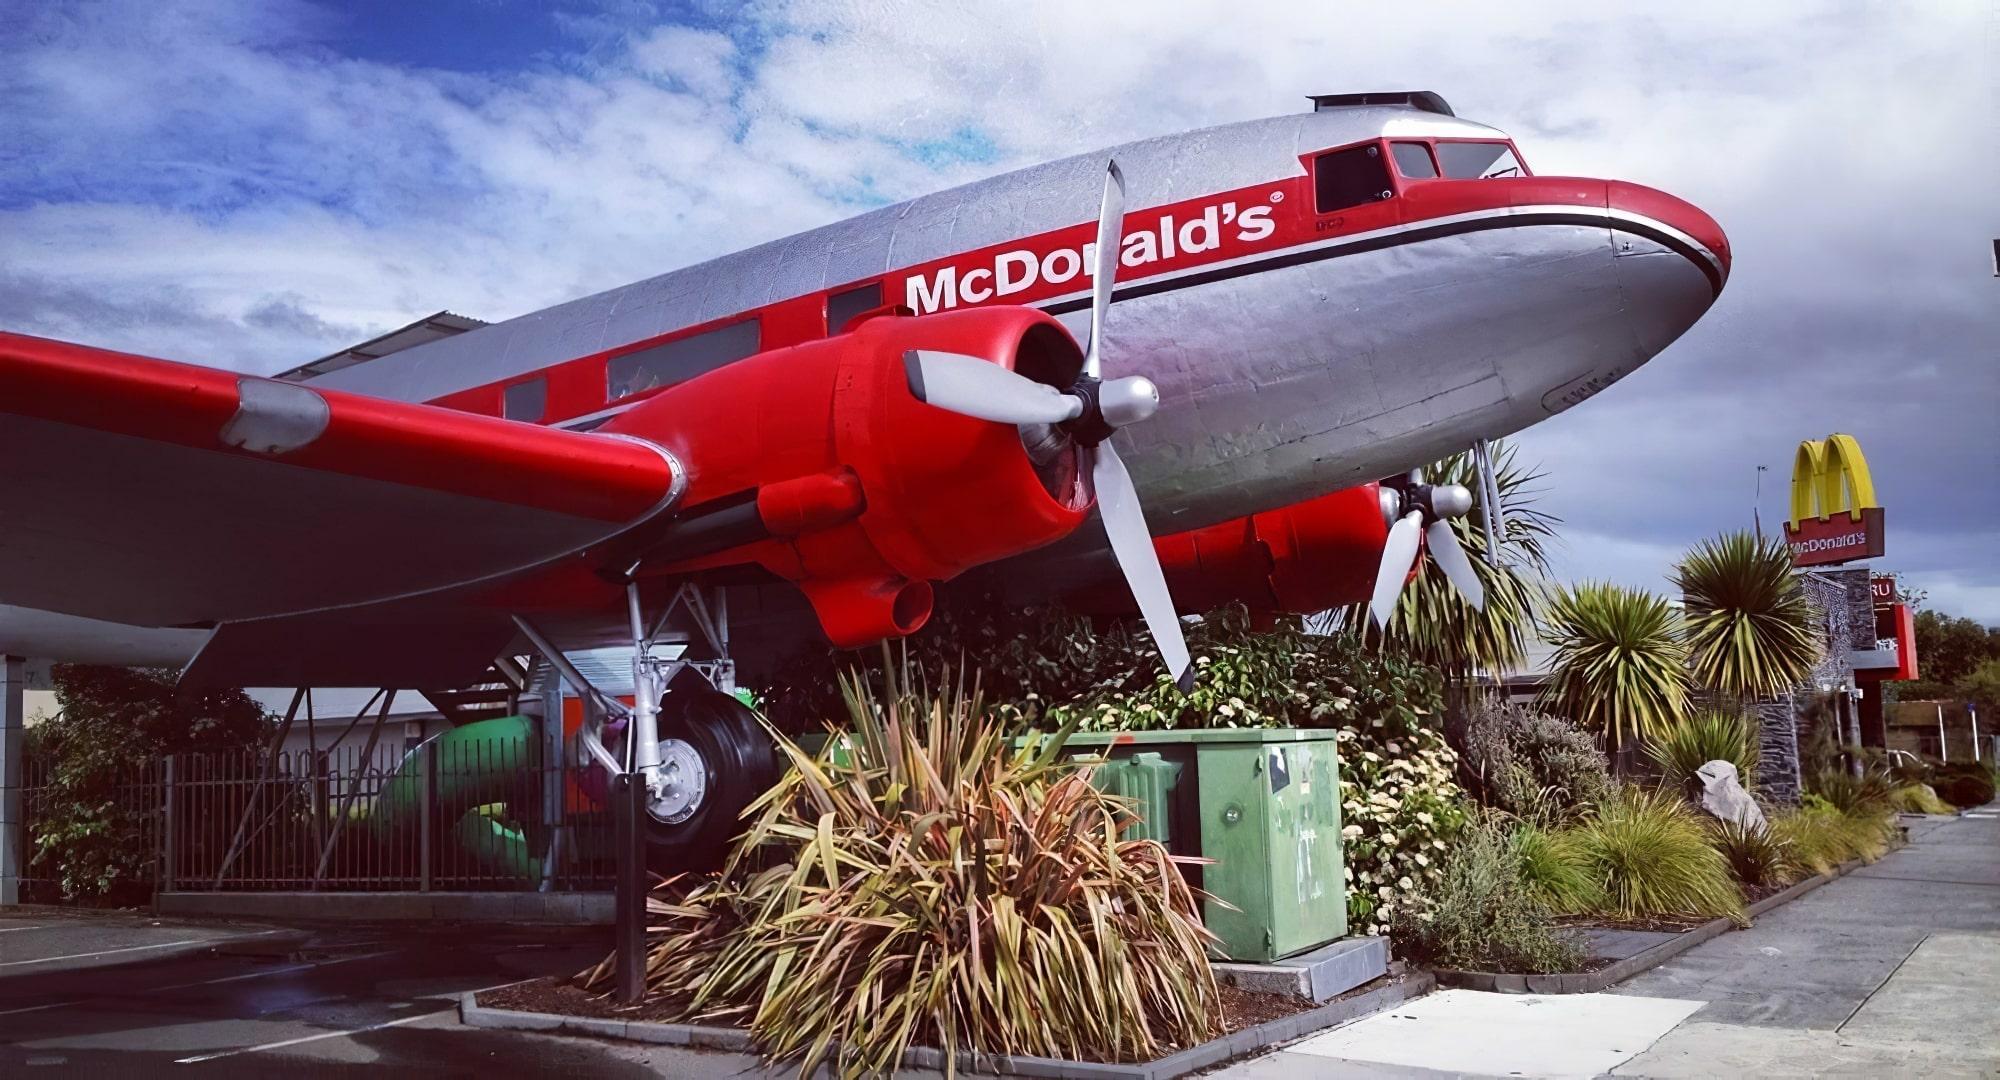 Les 10 restaurants McDonald's les plus insolites au monde